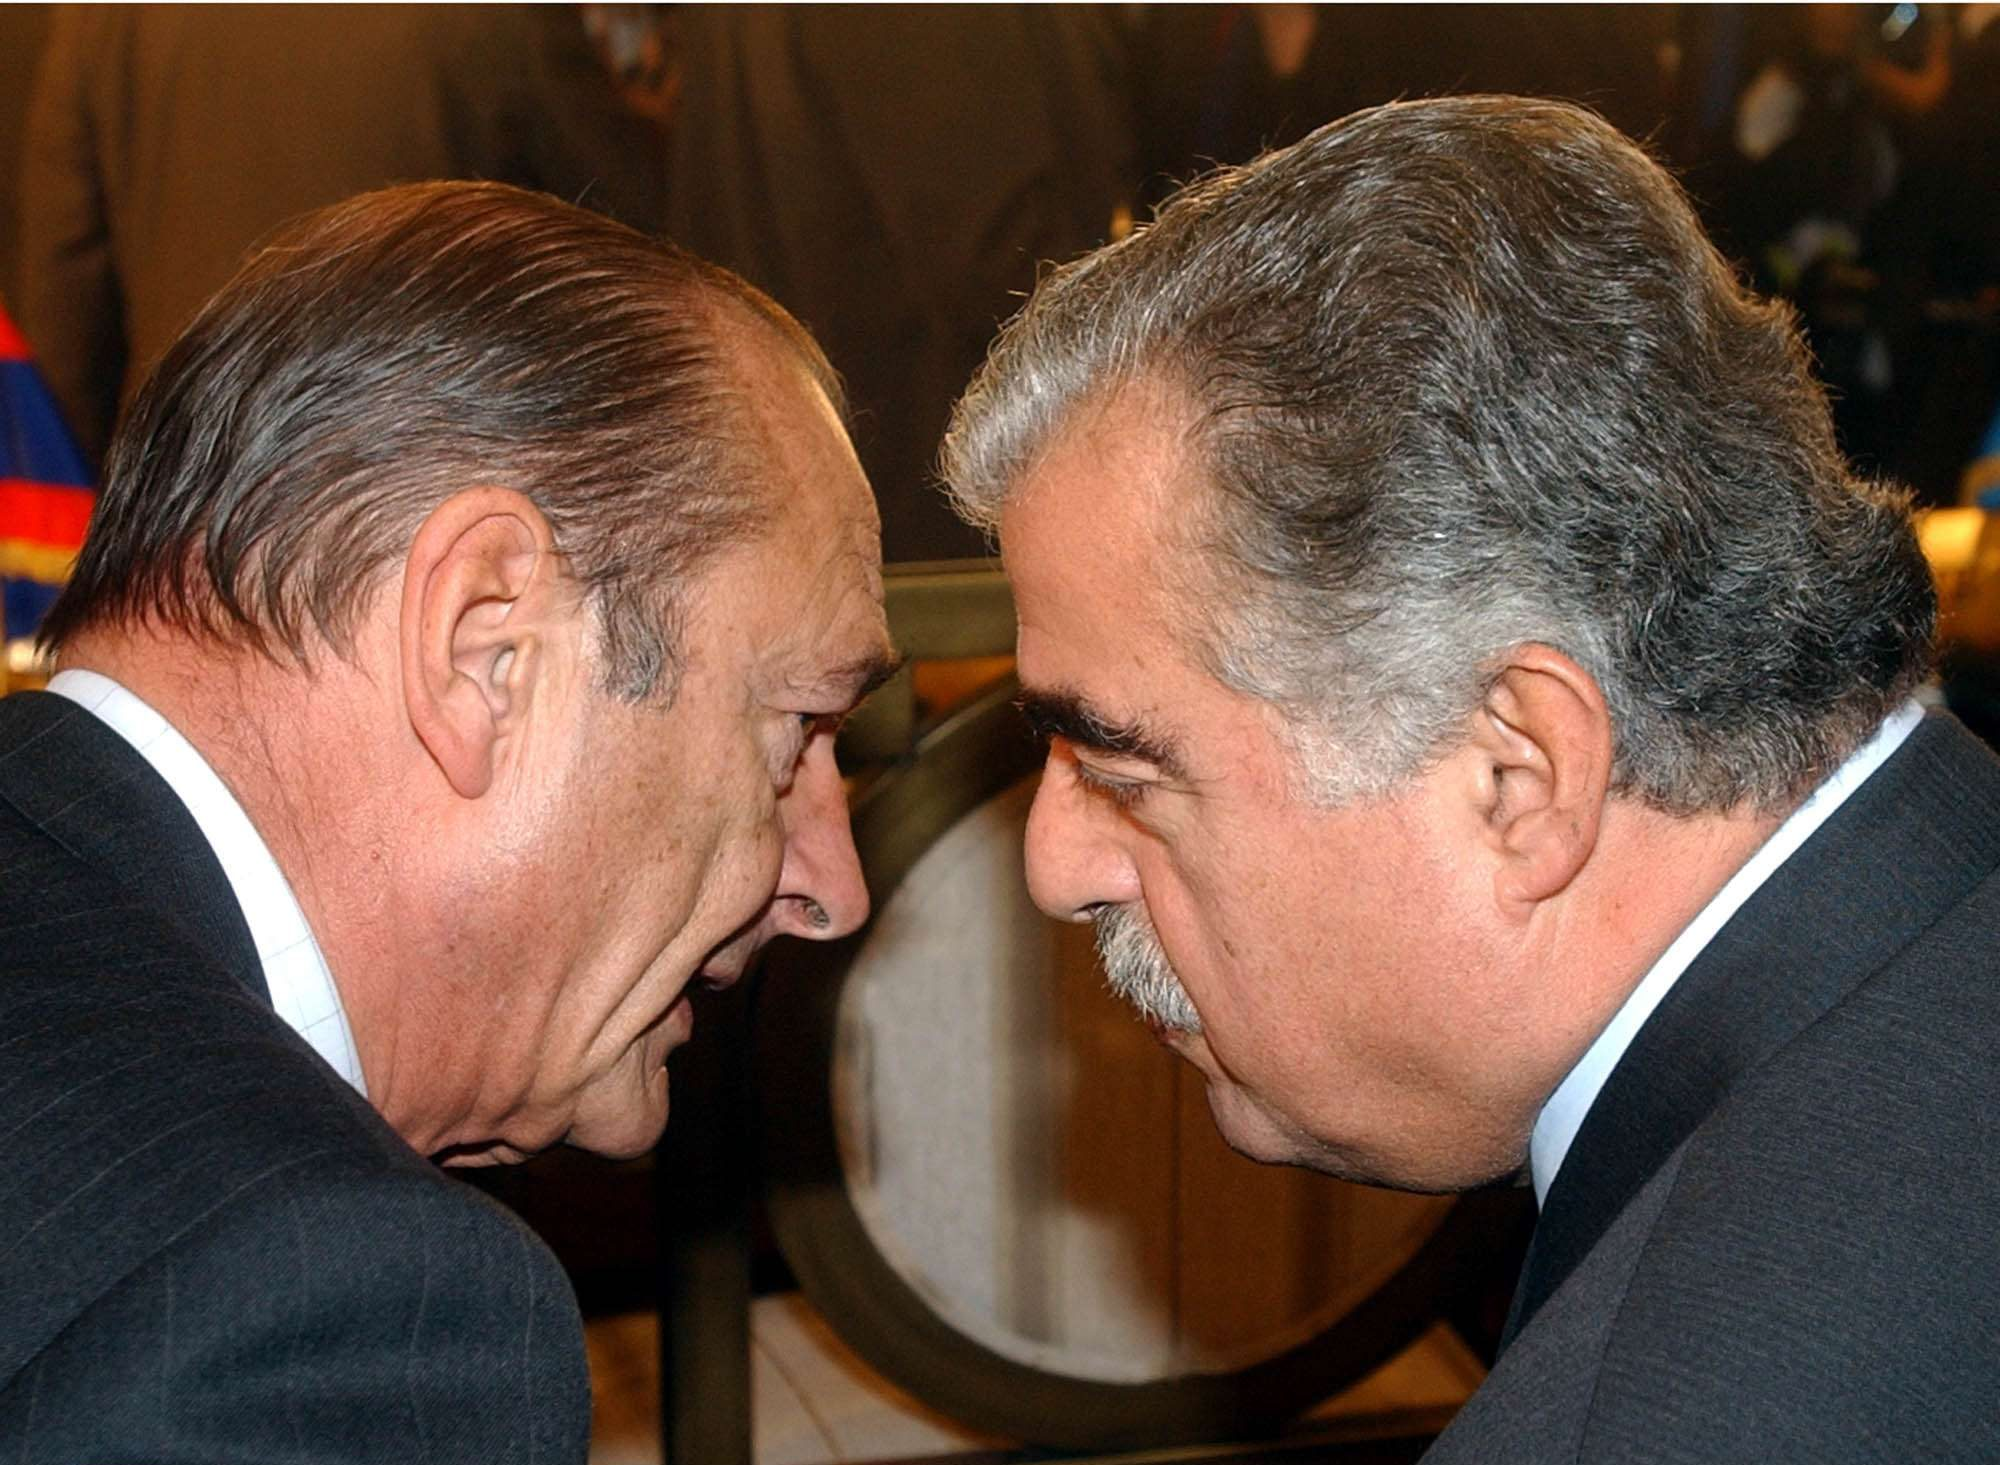 Le président français Jacques Chirac (à gauche) et son homologue libanais Rafik Hariri, en octobre 2002 lors du 9e Sommet de la Francophonie à Beyrouth.